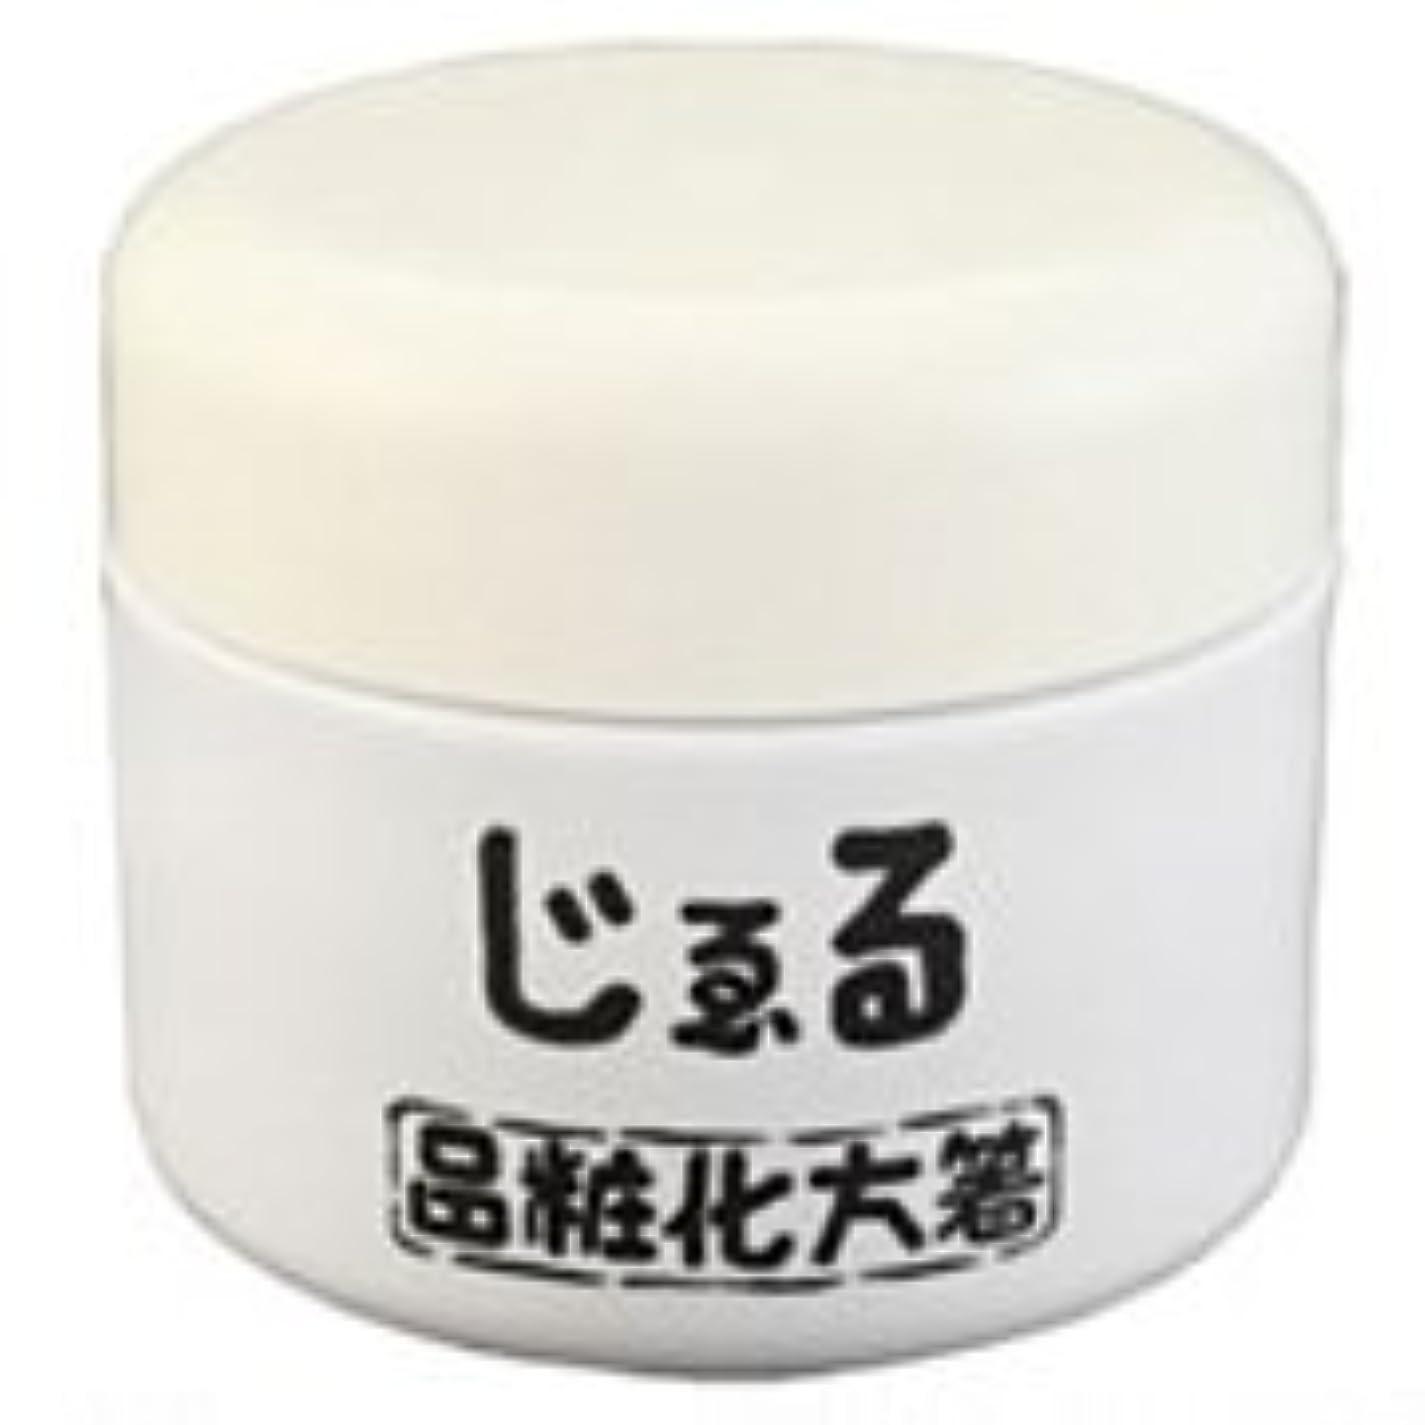 爪貯水池ピクニック[箸方化粧品] じぇる 38g はしかた化粧品